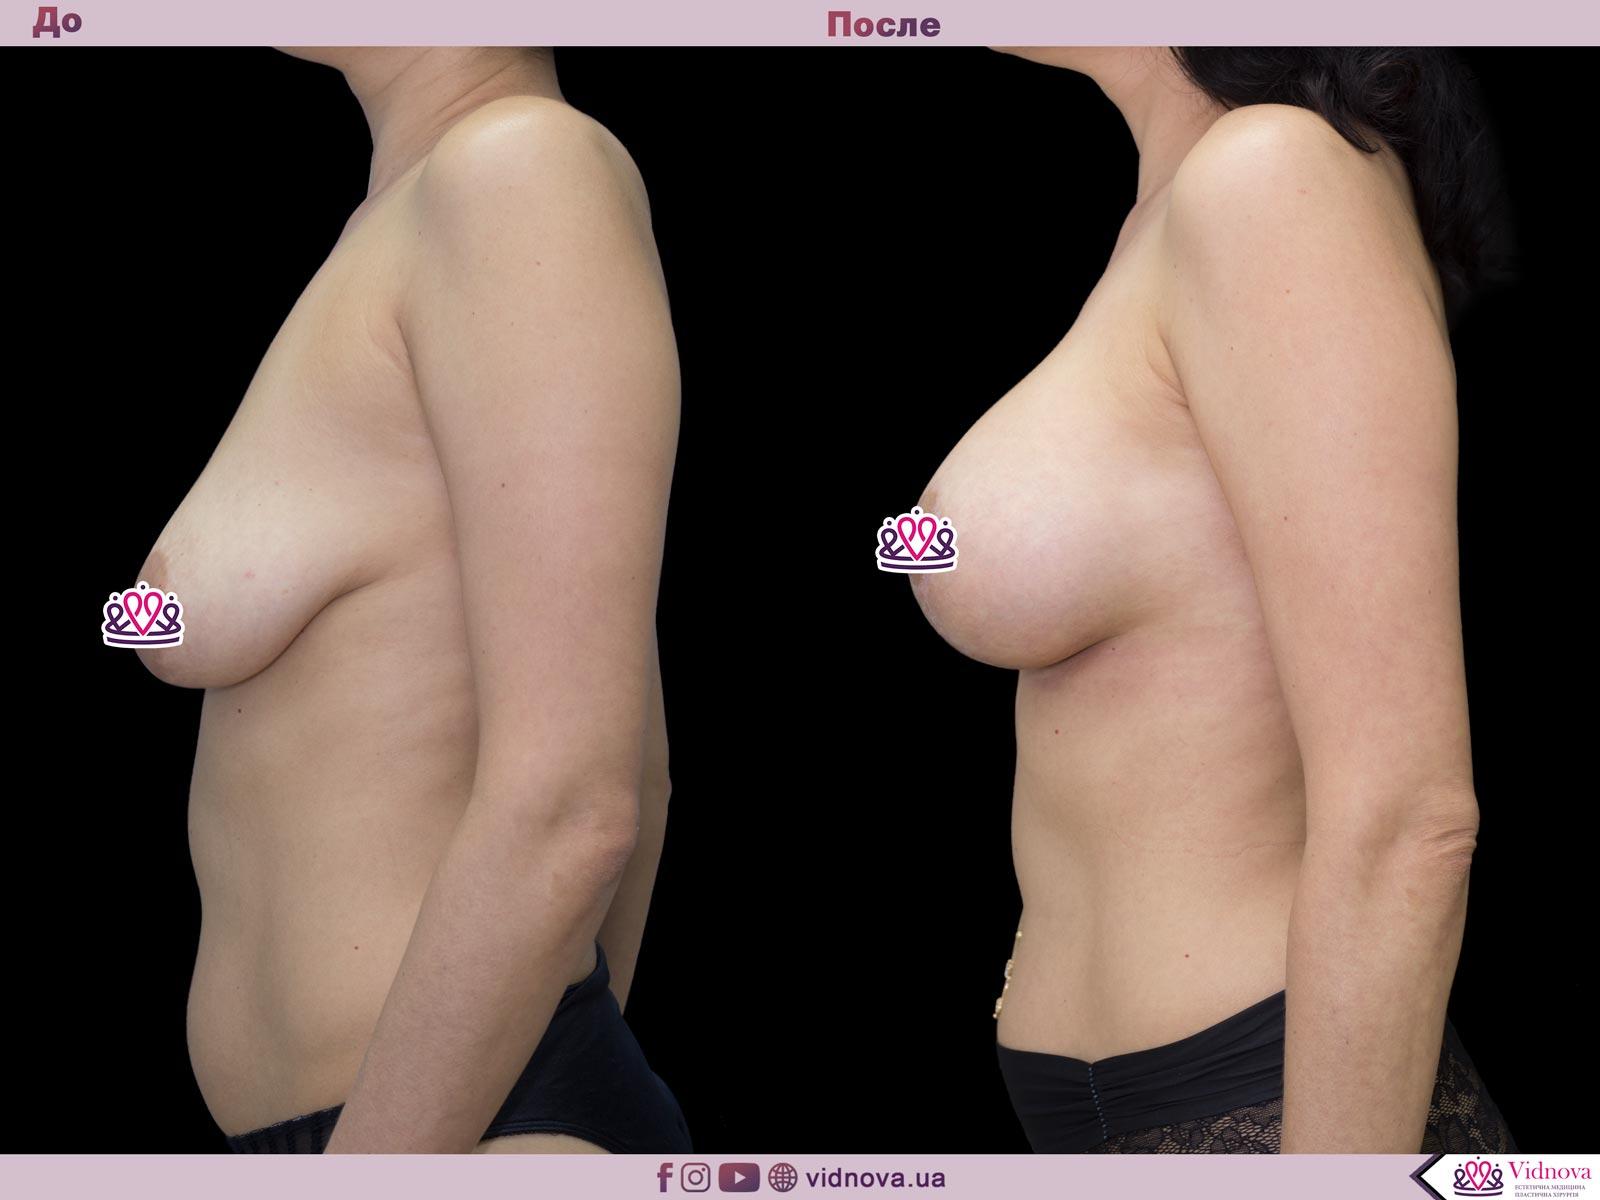 Пластика груди: результаты до и после - Пример №54-2 - Светлана Работенко